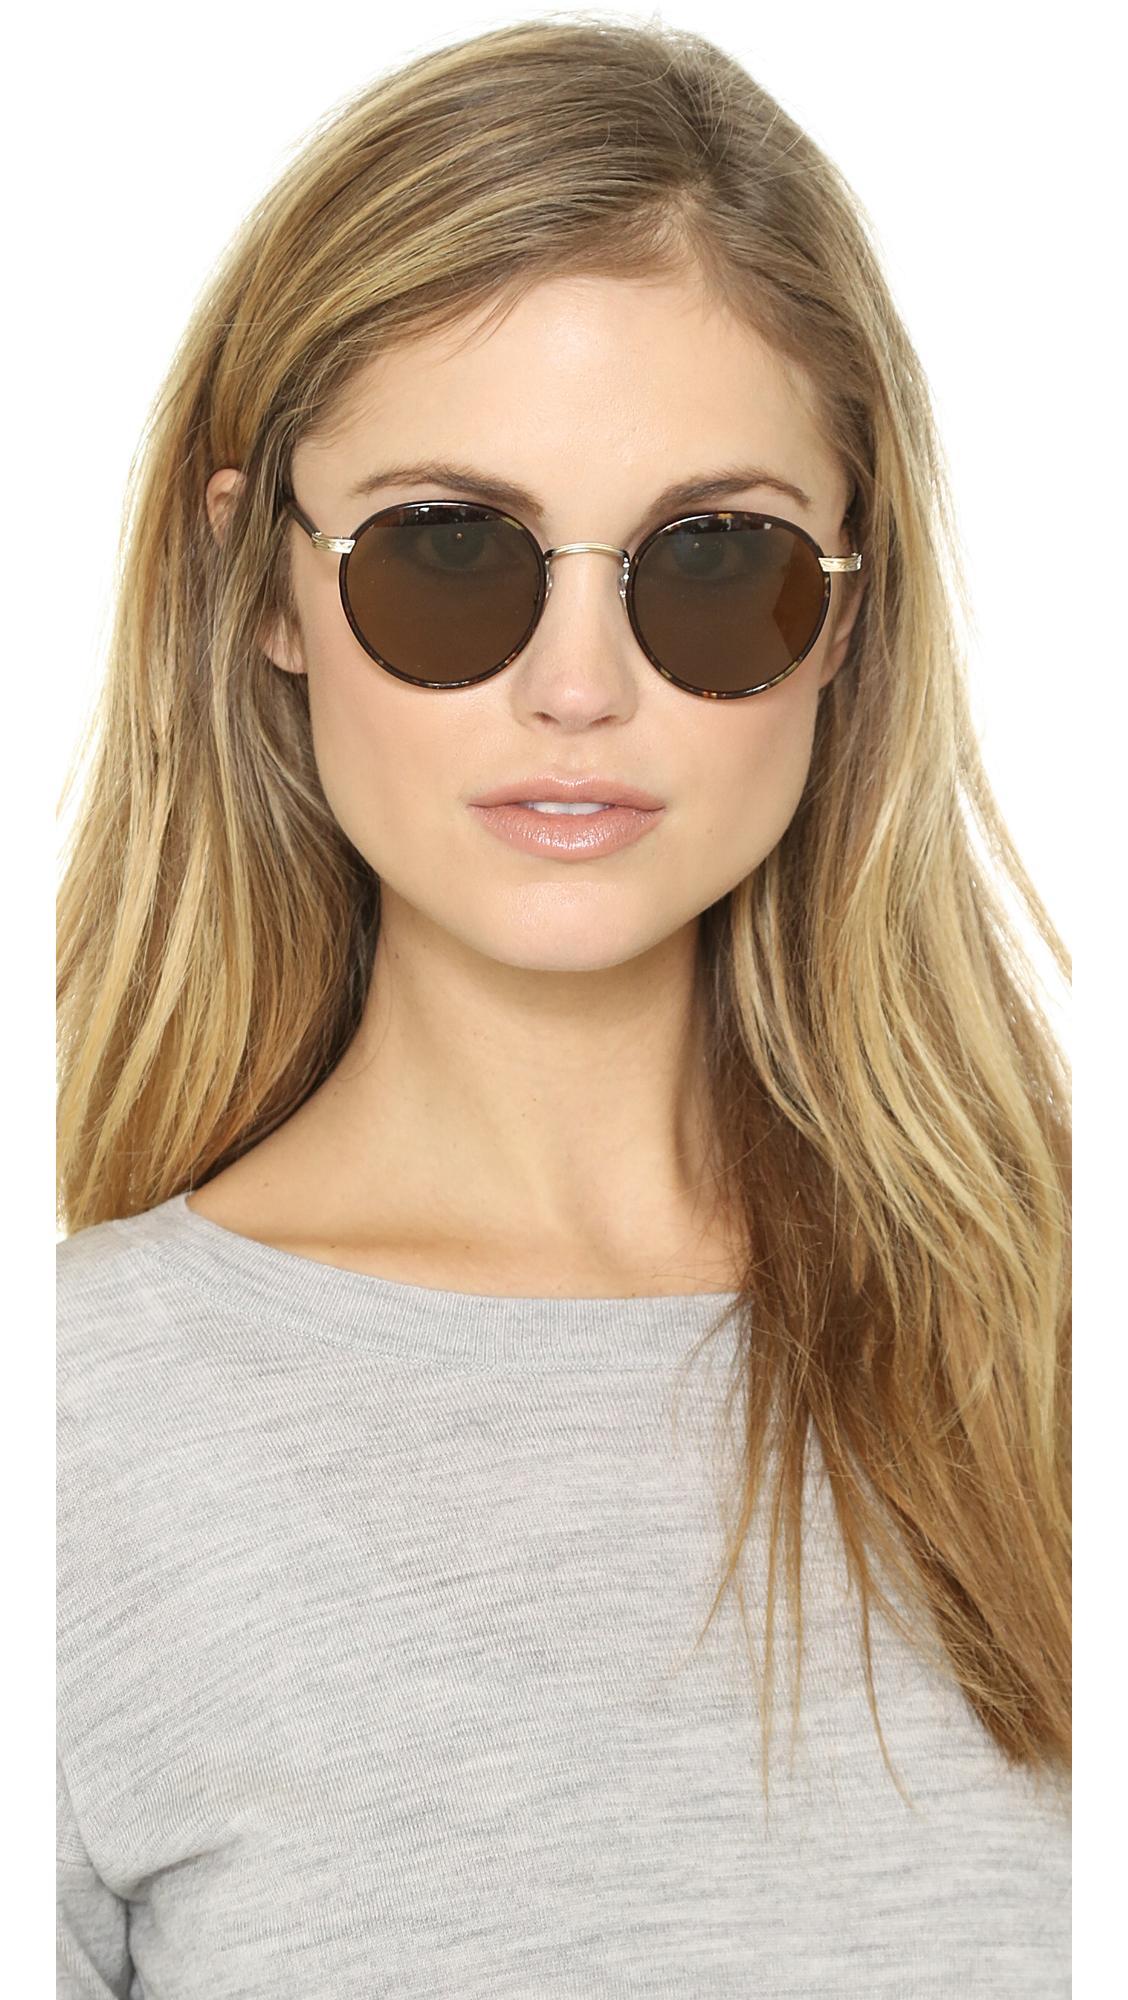 346187b275 GARRETT LEIGHT Wilson Sunglasses